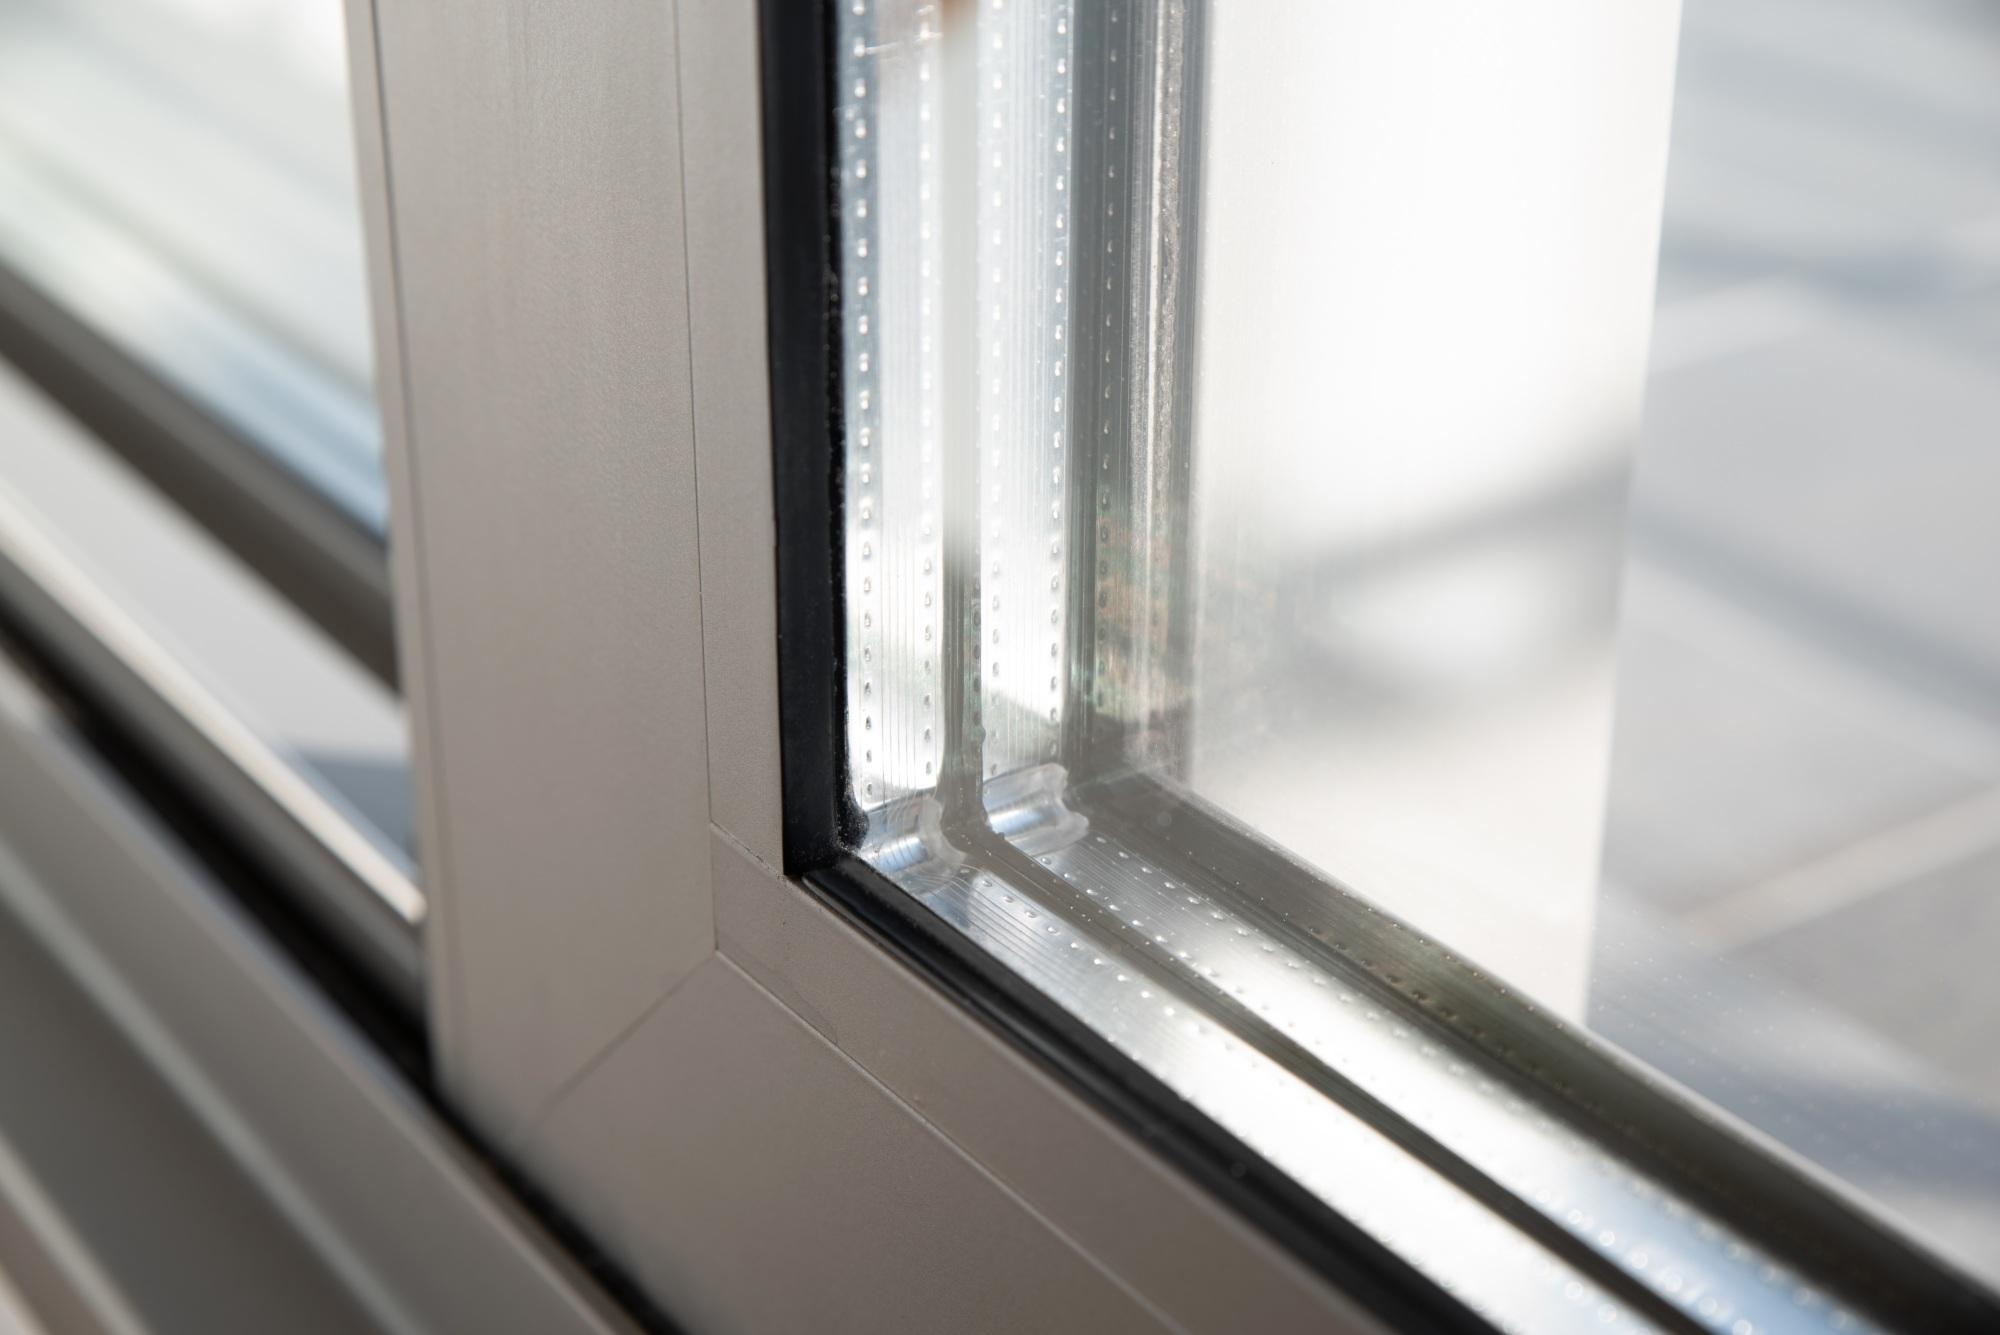 Full Size of Fenster Einbauen Kosten Zweifach Oder Dreifachverglasung Trocal Putzen Sonnenschutz Für Ikea Küche Aluminium Braun Rehau Folie Holz Alu Sichtschutzfolie Fenster Fenster Einbauen Kosten